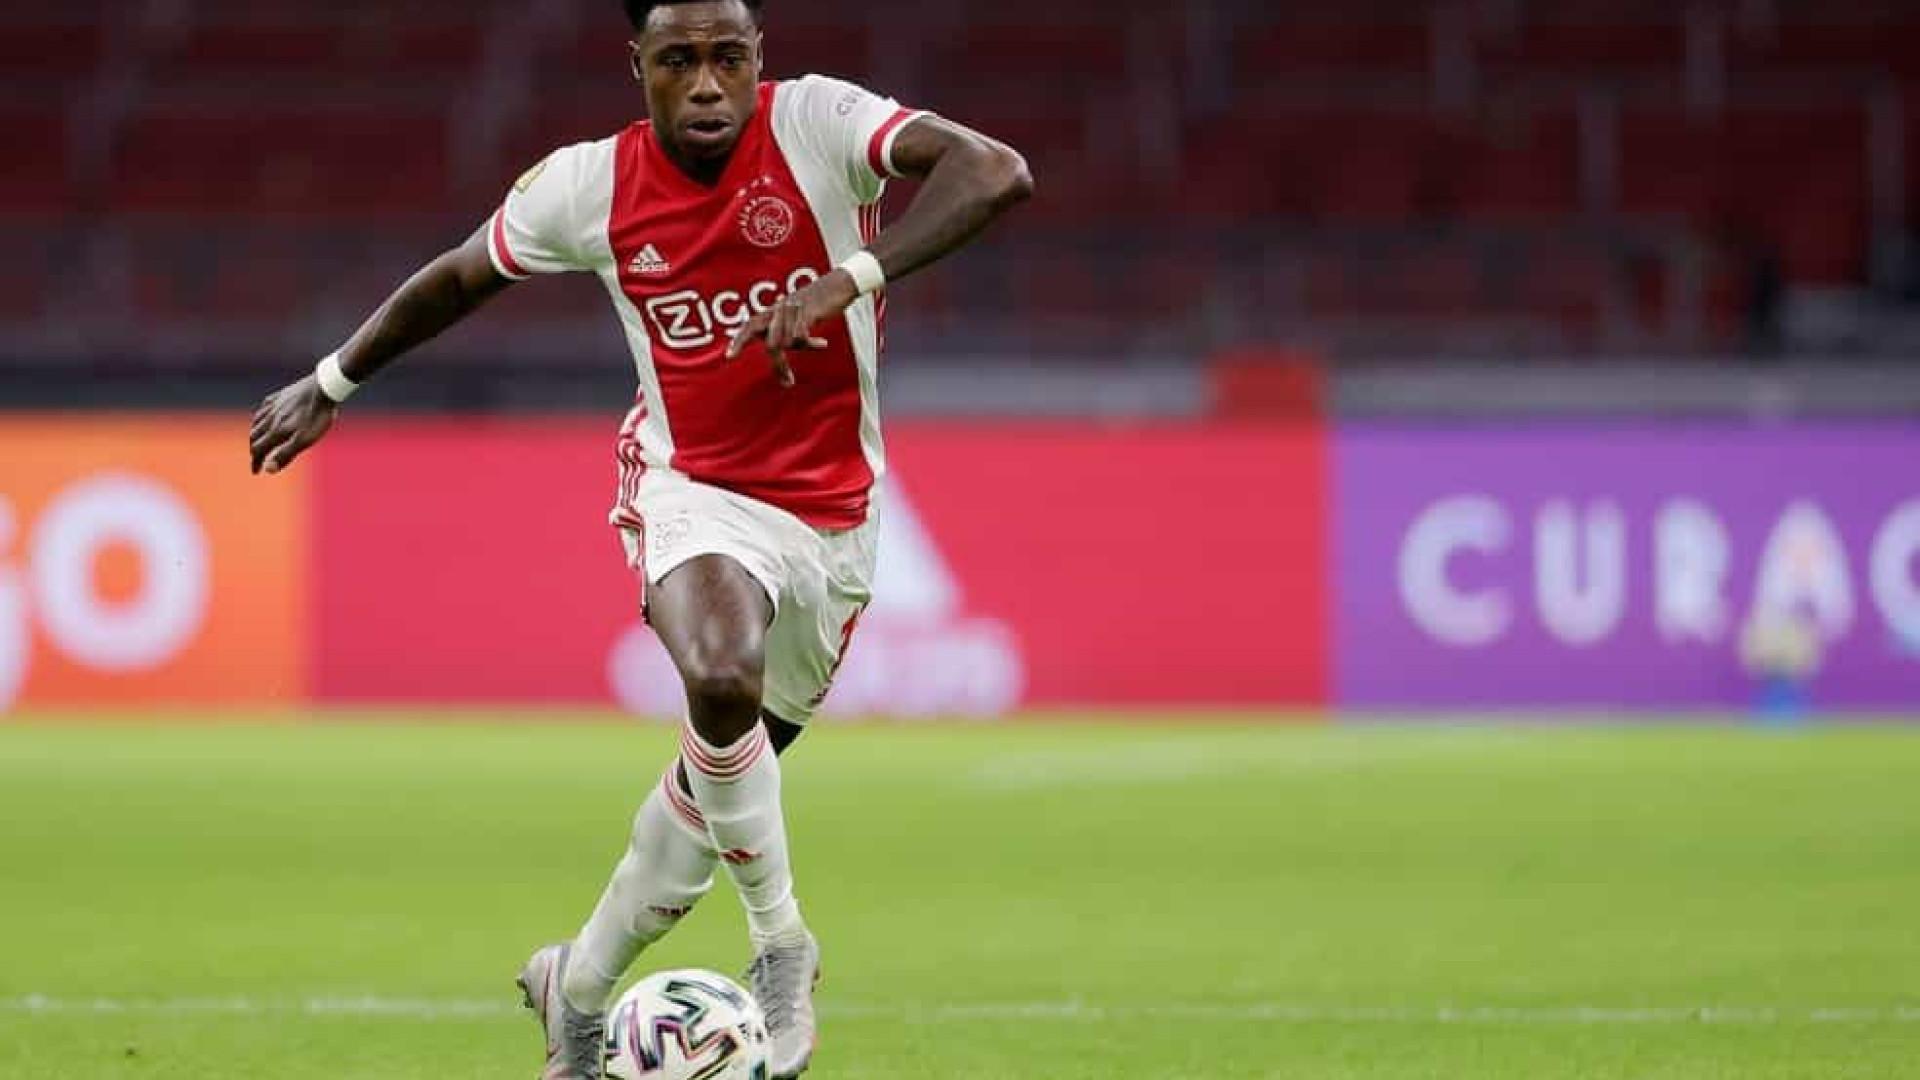 Atacante do Ajax, Promes é preso na Holanda acusado de esfaquear um familiar